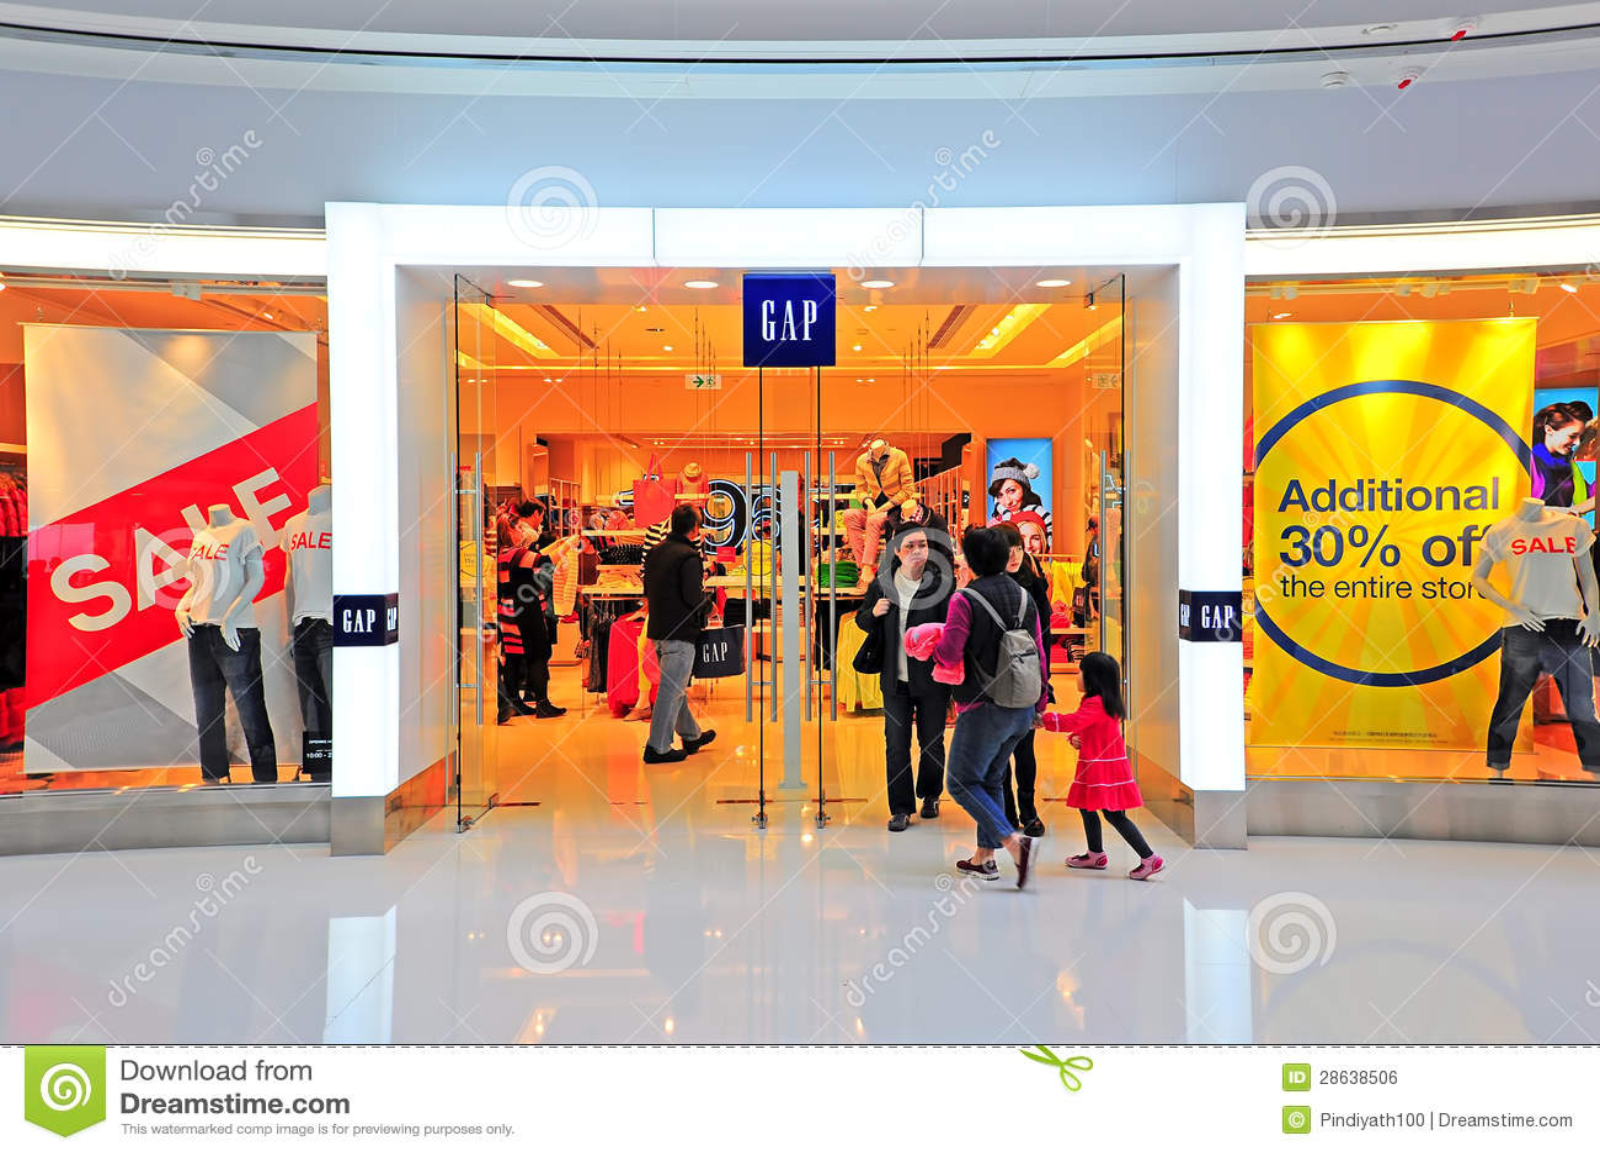 gap outlet sale